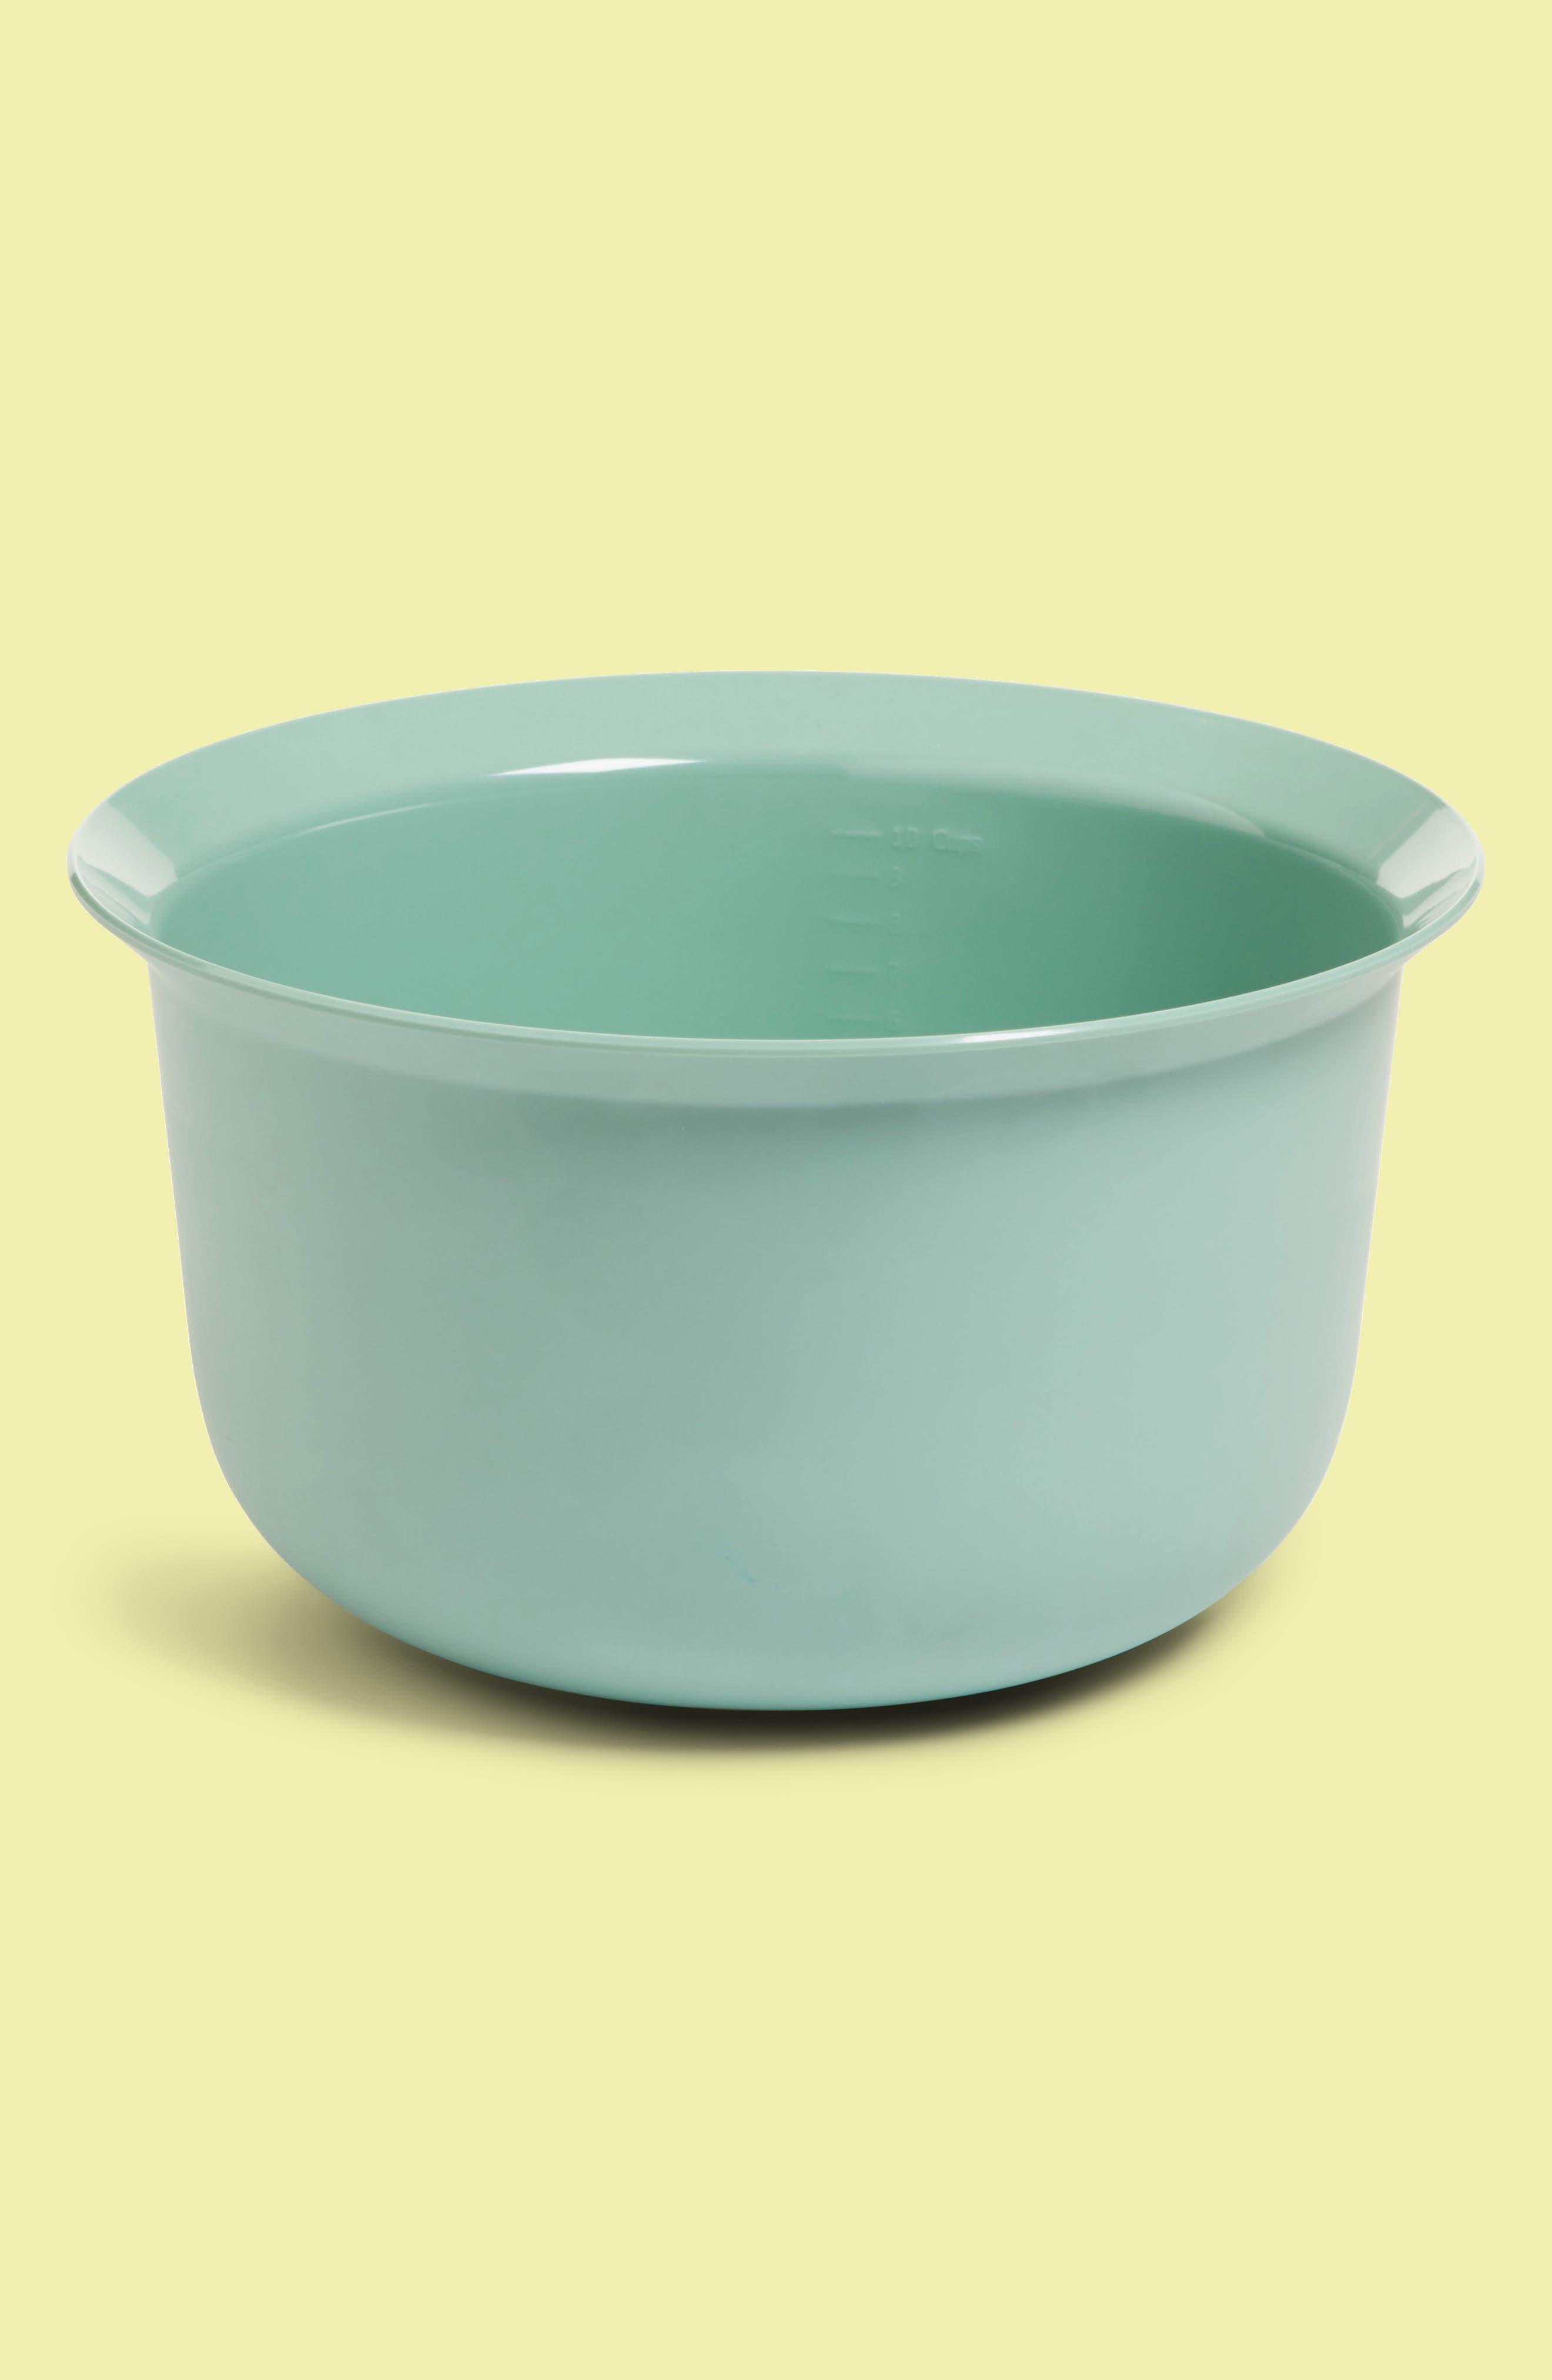 Rig-Tig Mix-It 2.5L Mixing Bowl,                             Main thumbnail 1, color,